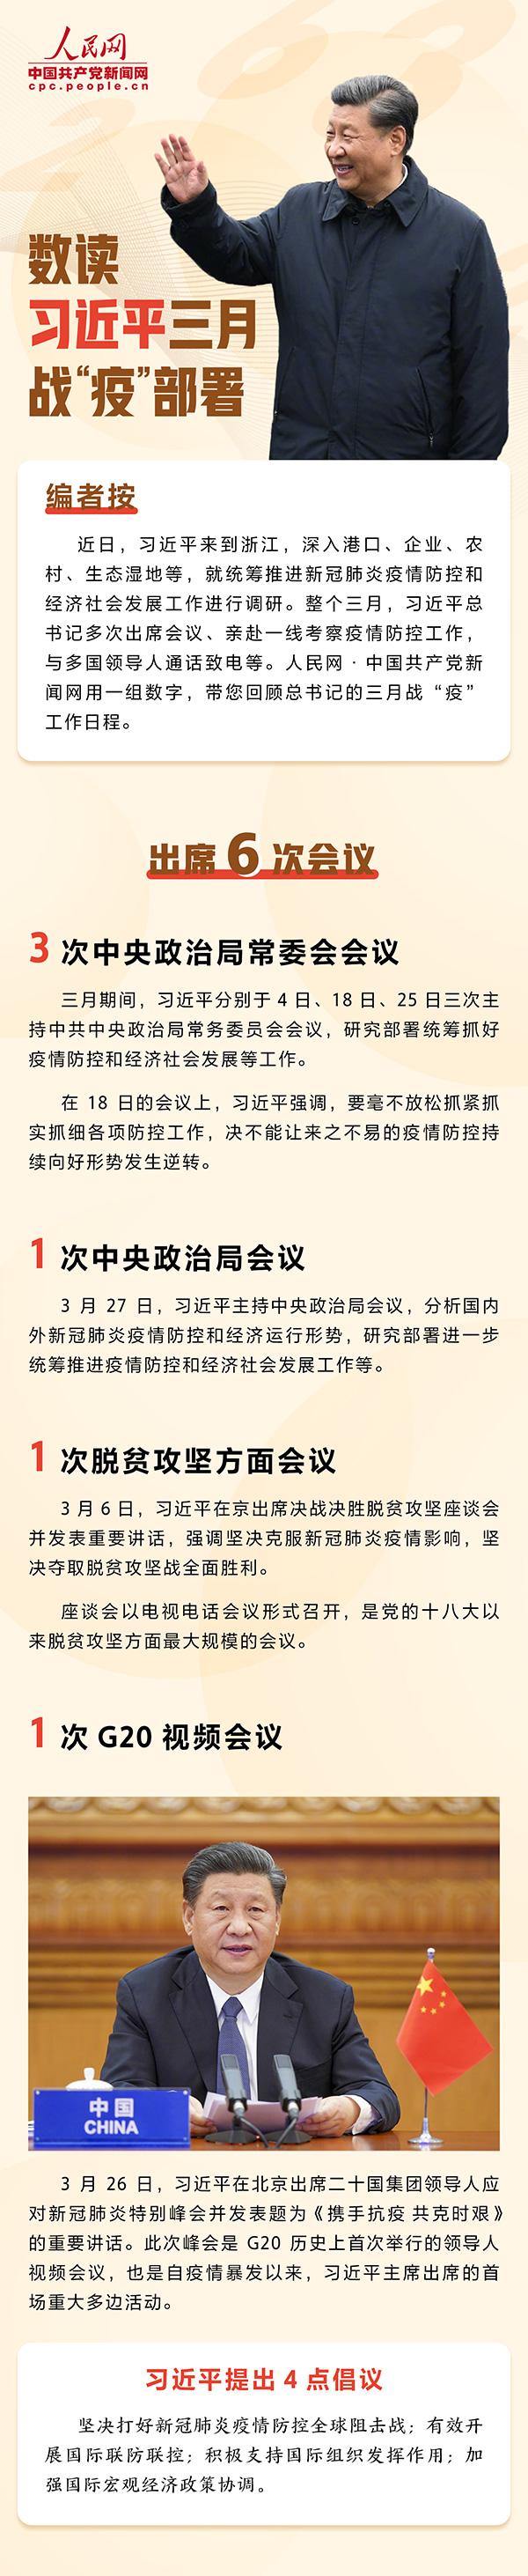 """图解:数读习近平三月战""""疫""""部署"""